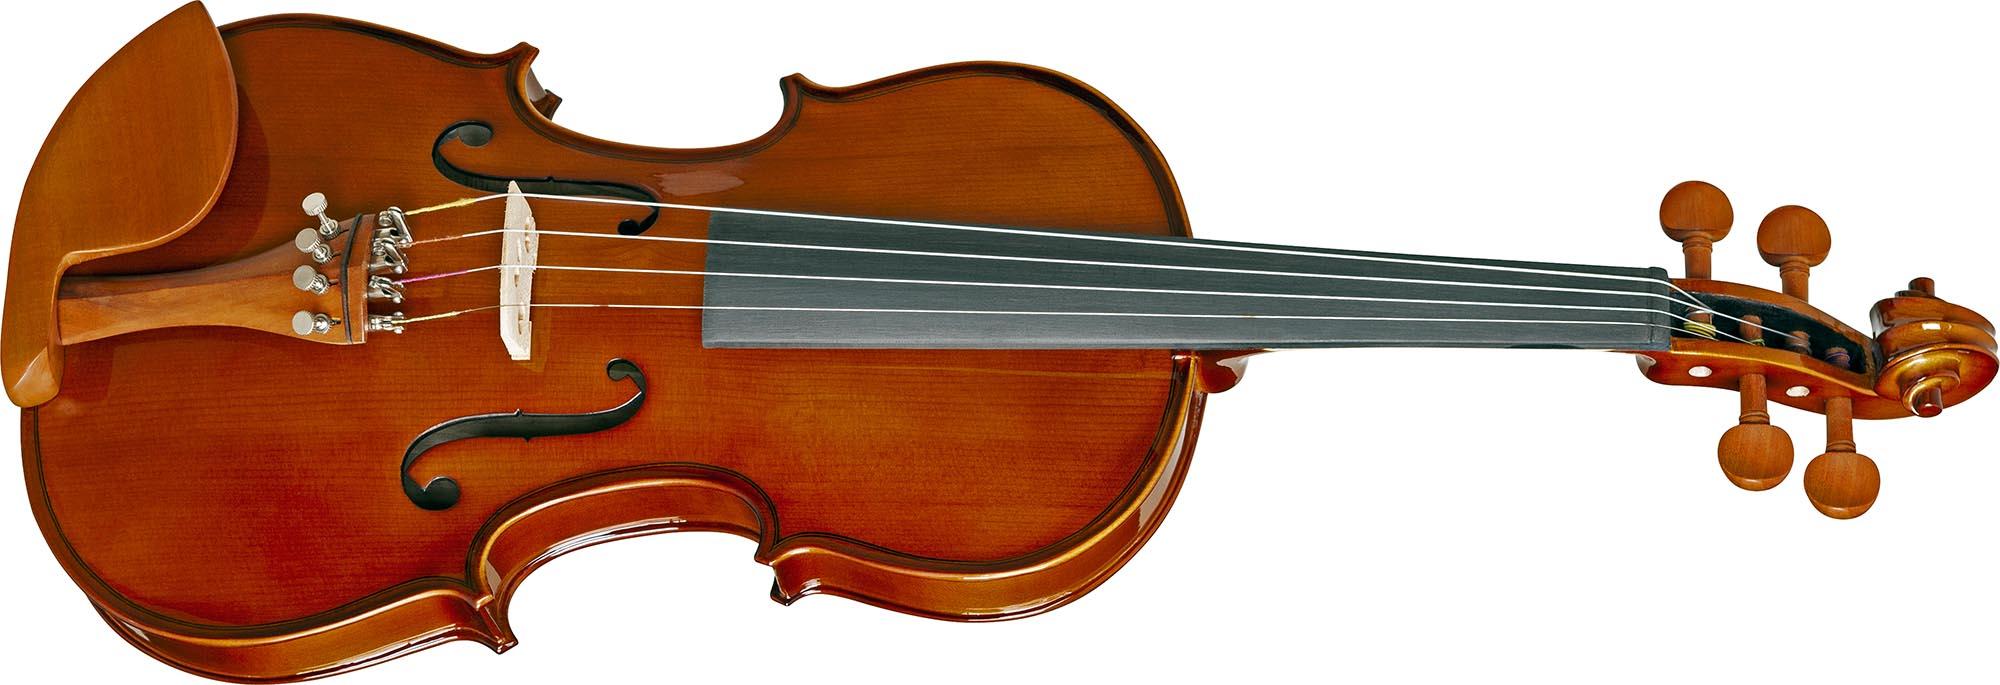 ve441 violino eagle ve441 visao frontal